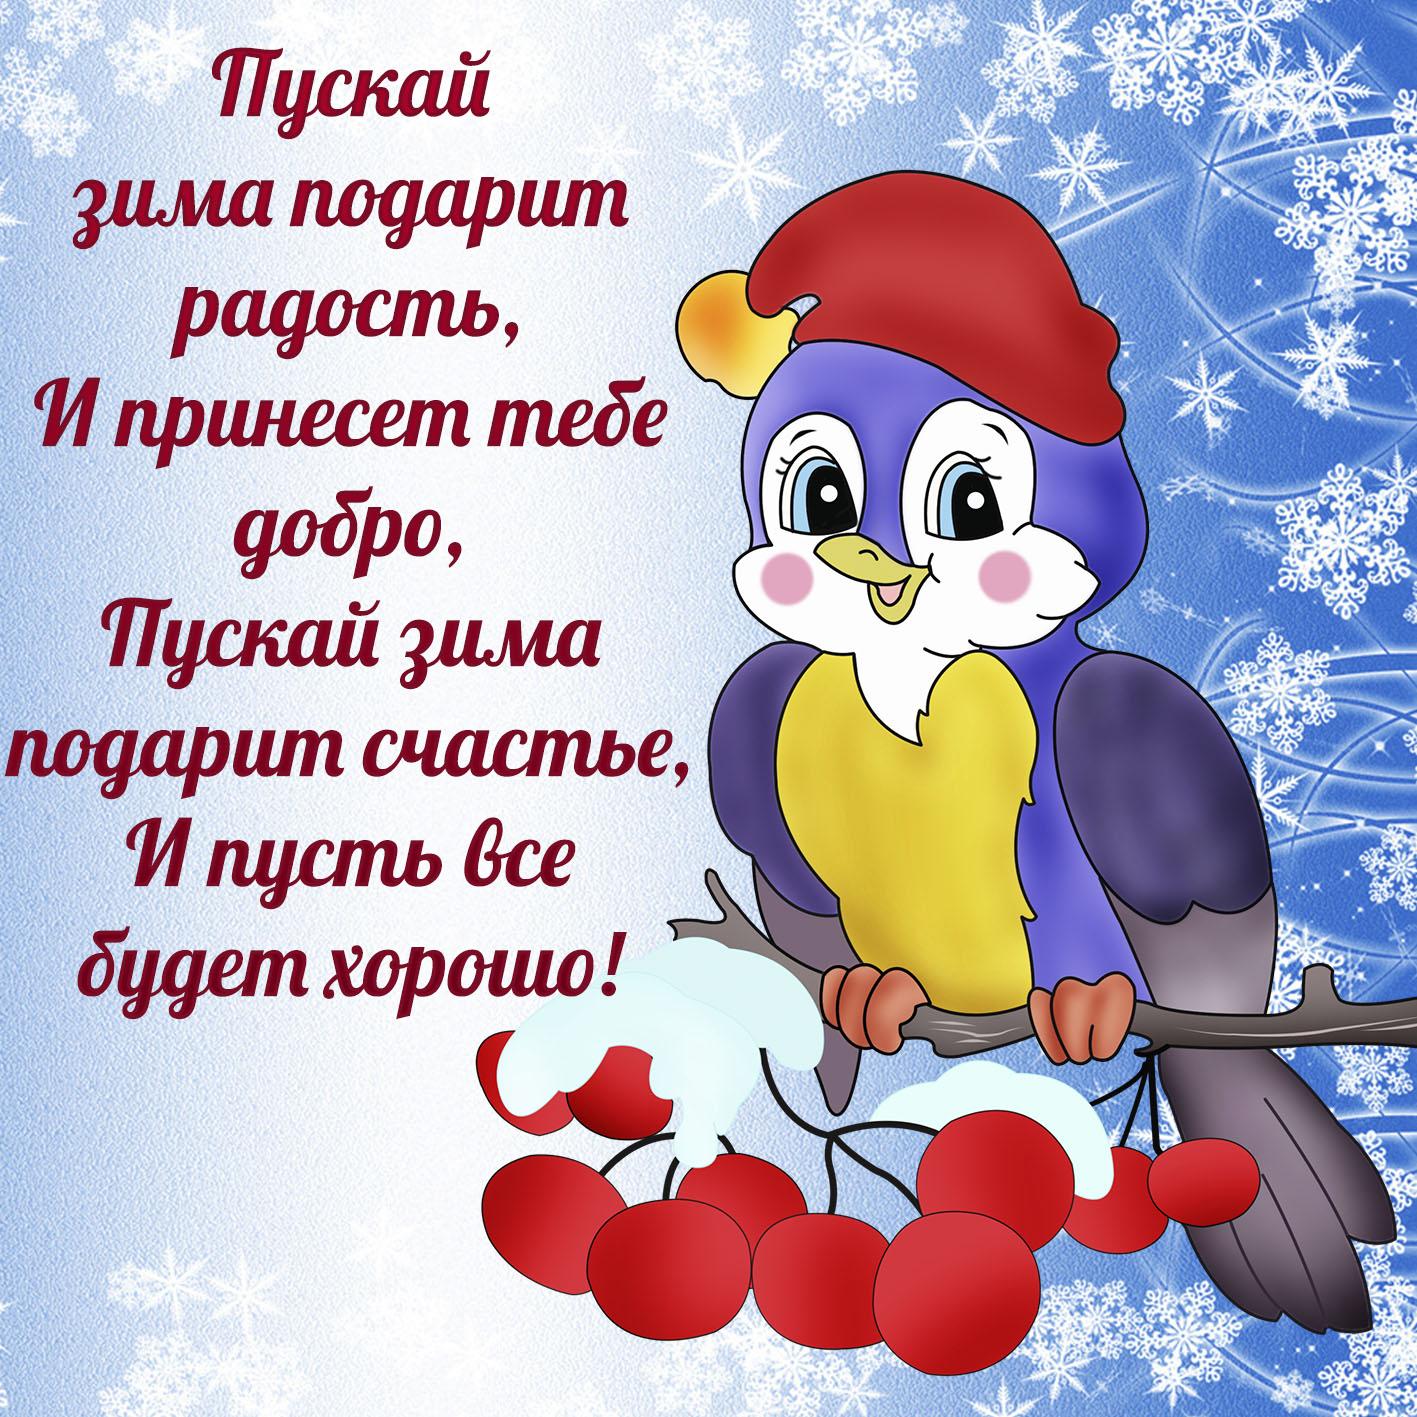 мелких радостей зимние пожелания в стихах любой